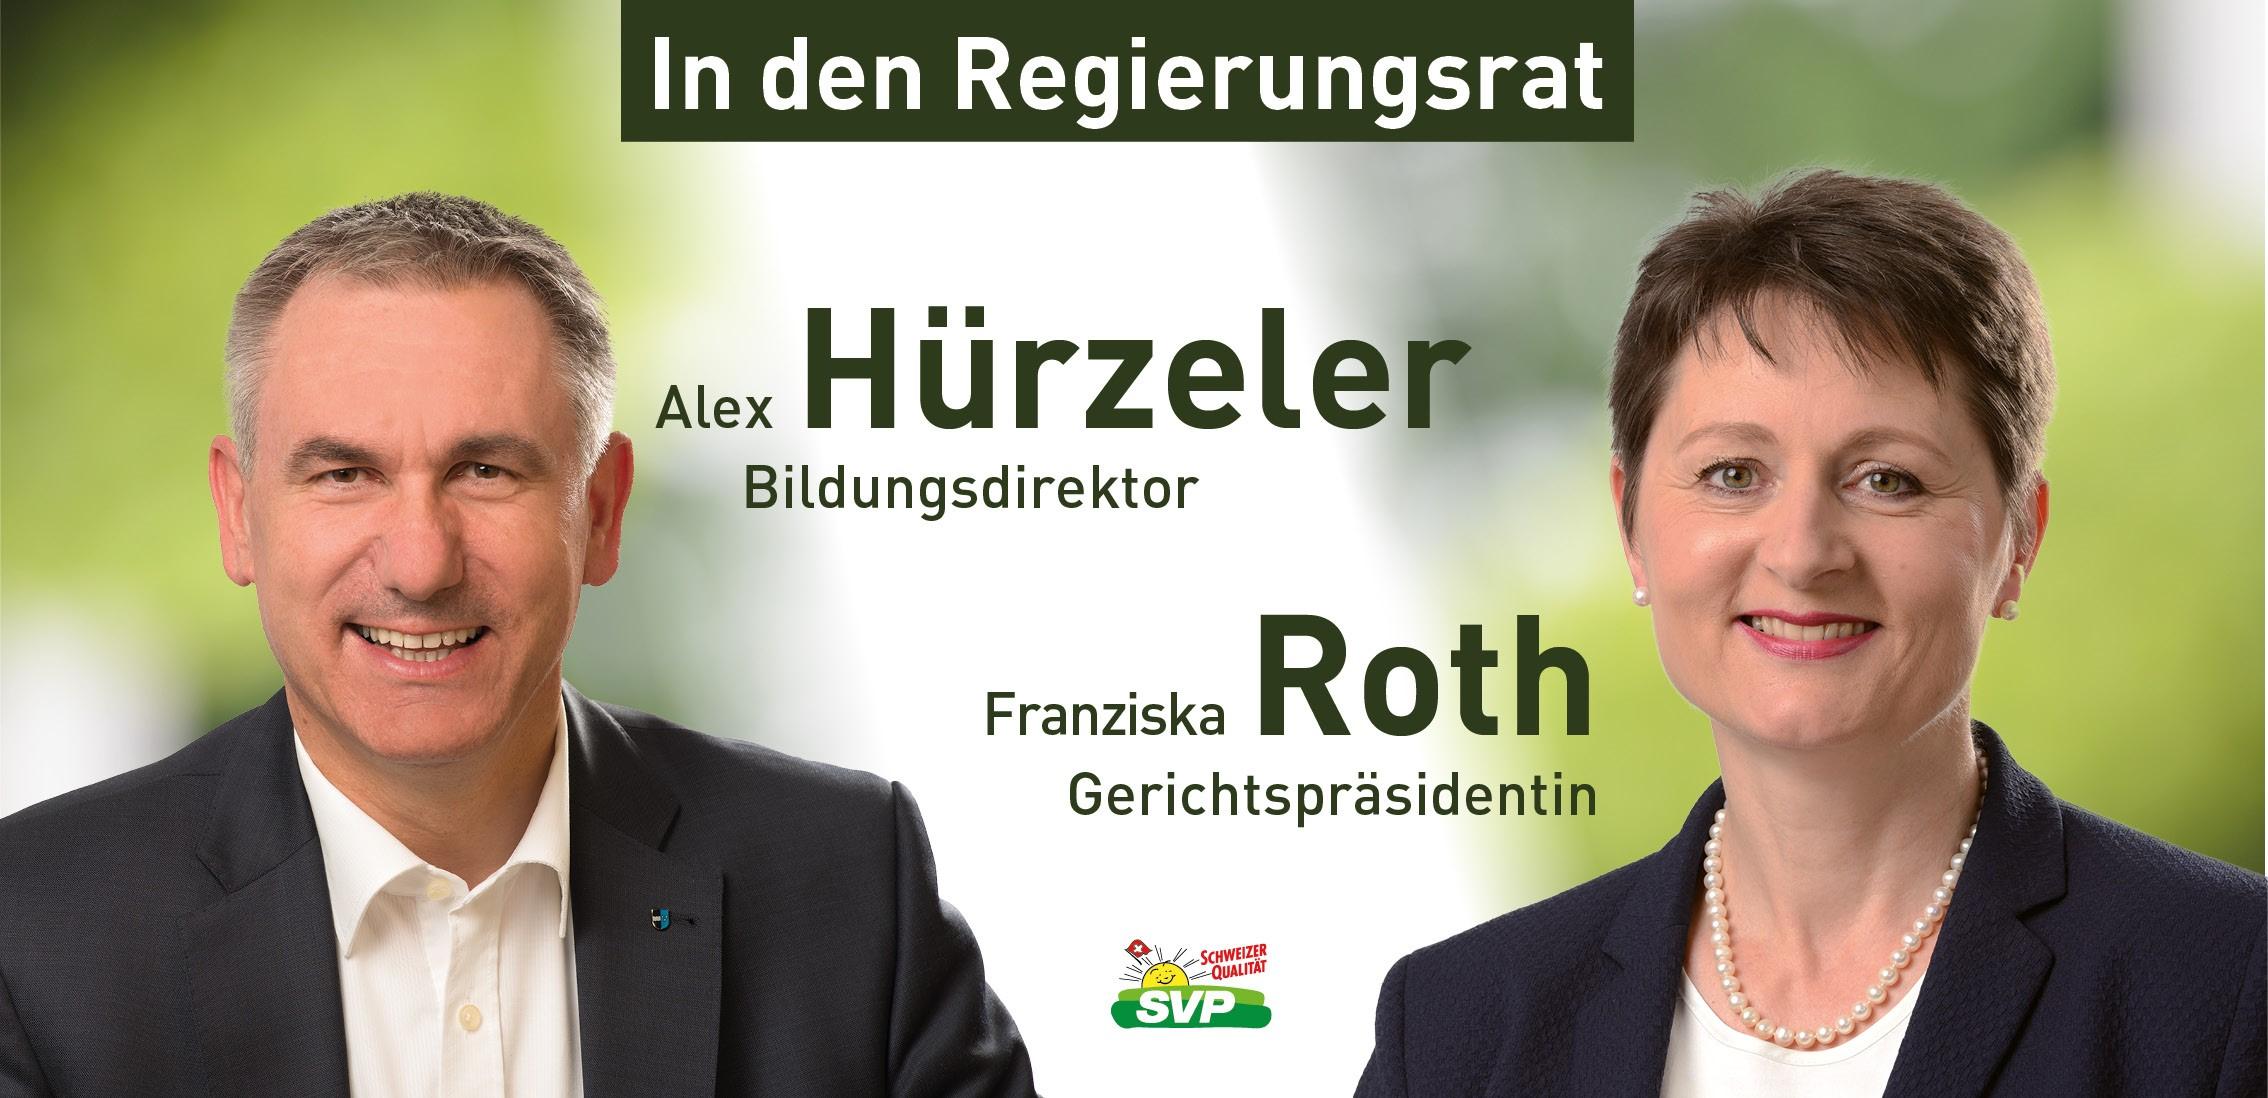 2 SVPler in die Aargauer Regierung